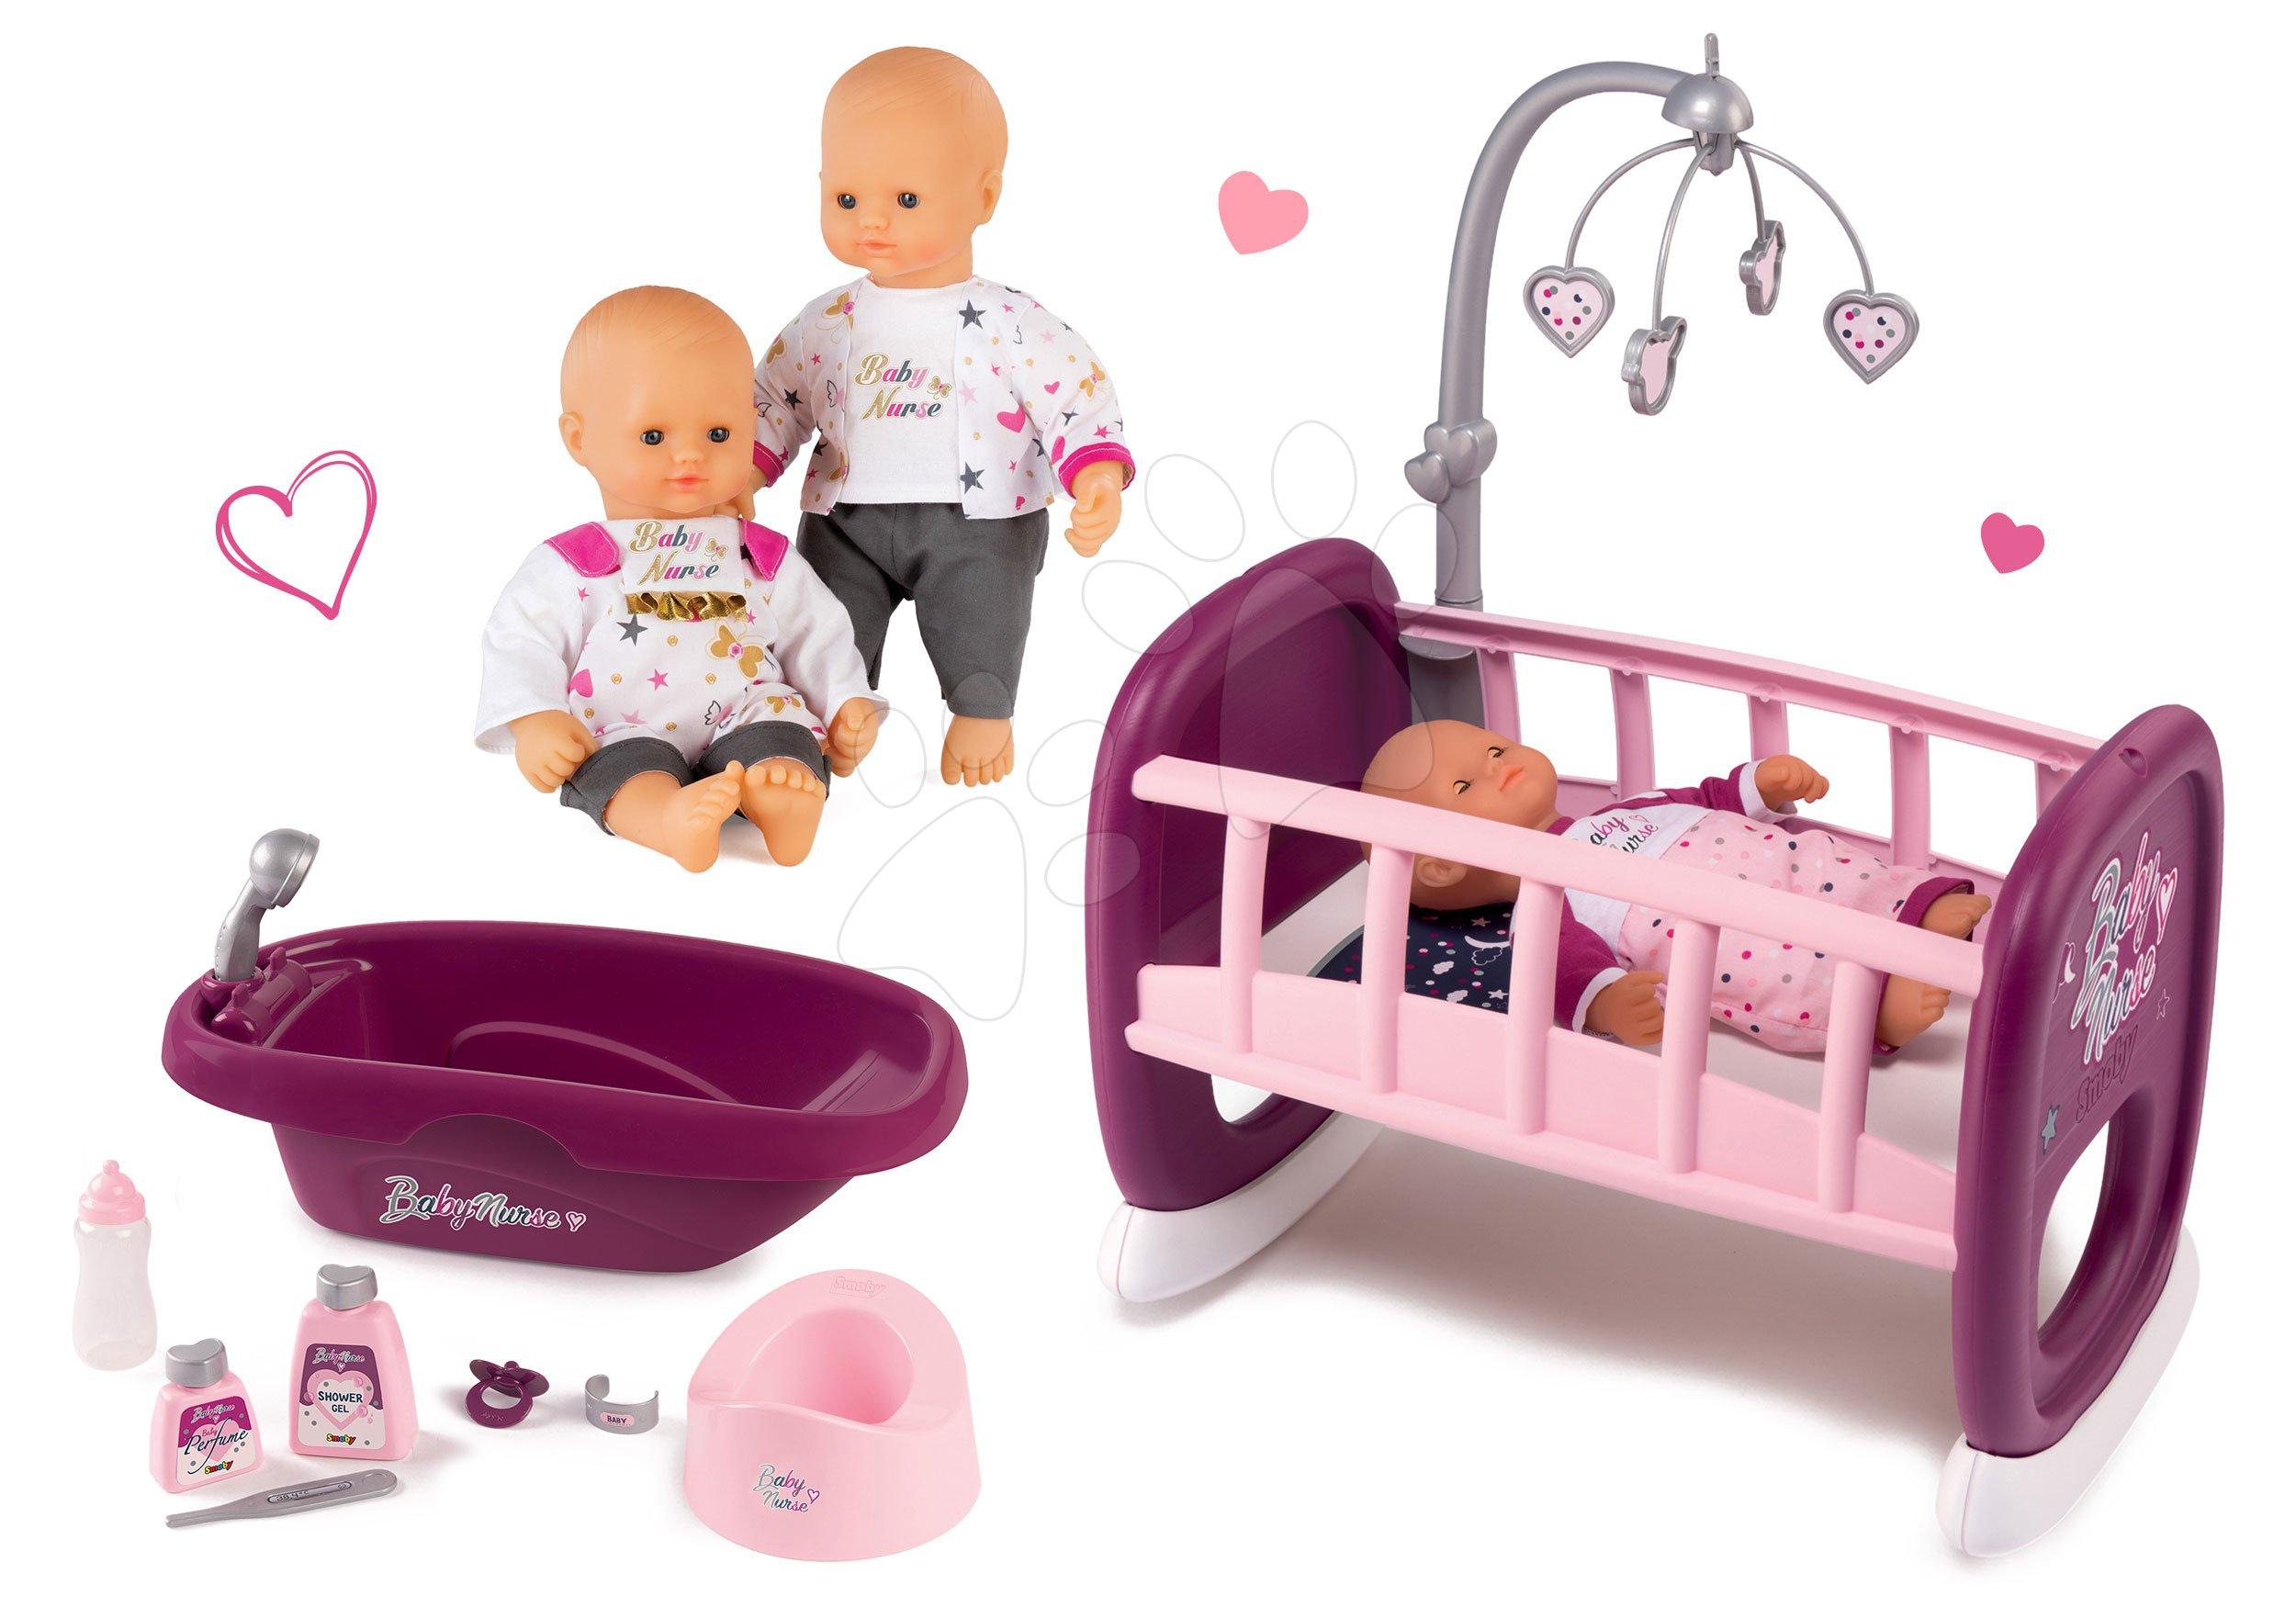 Smoby set panenka Baby Nurse Zlatá edice, kolébka a vanička Baby Nurse 220100-11